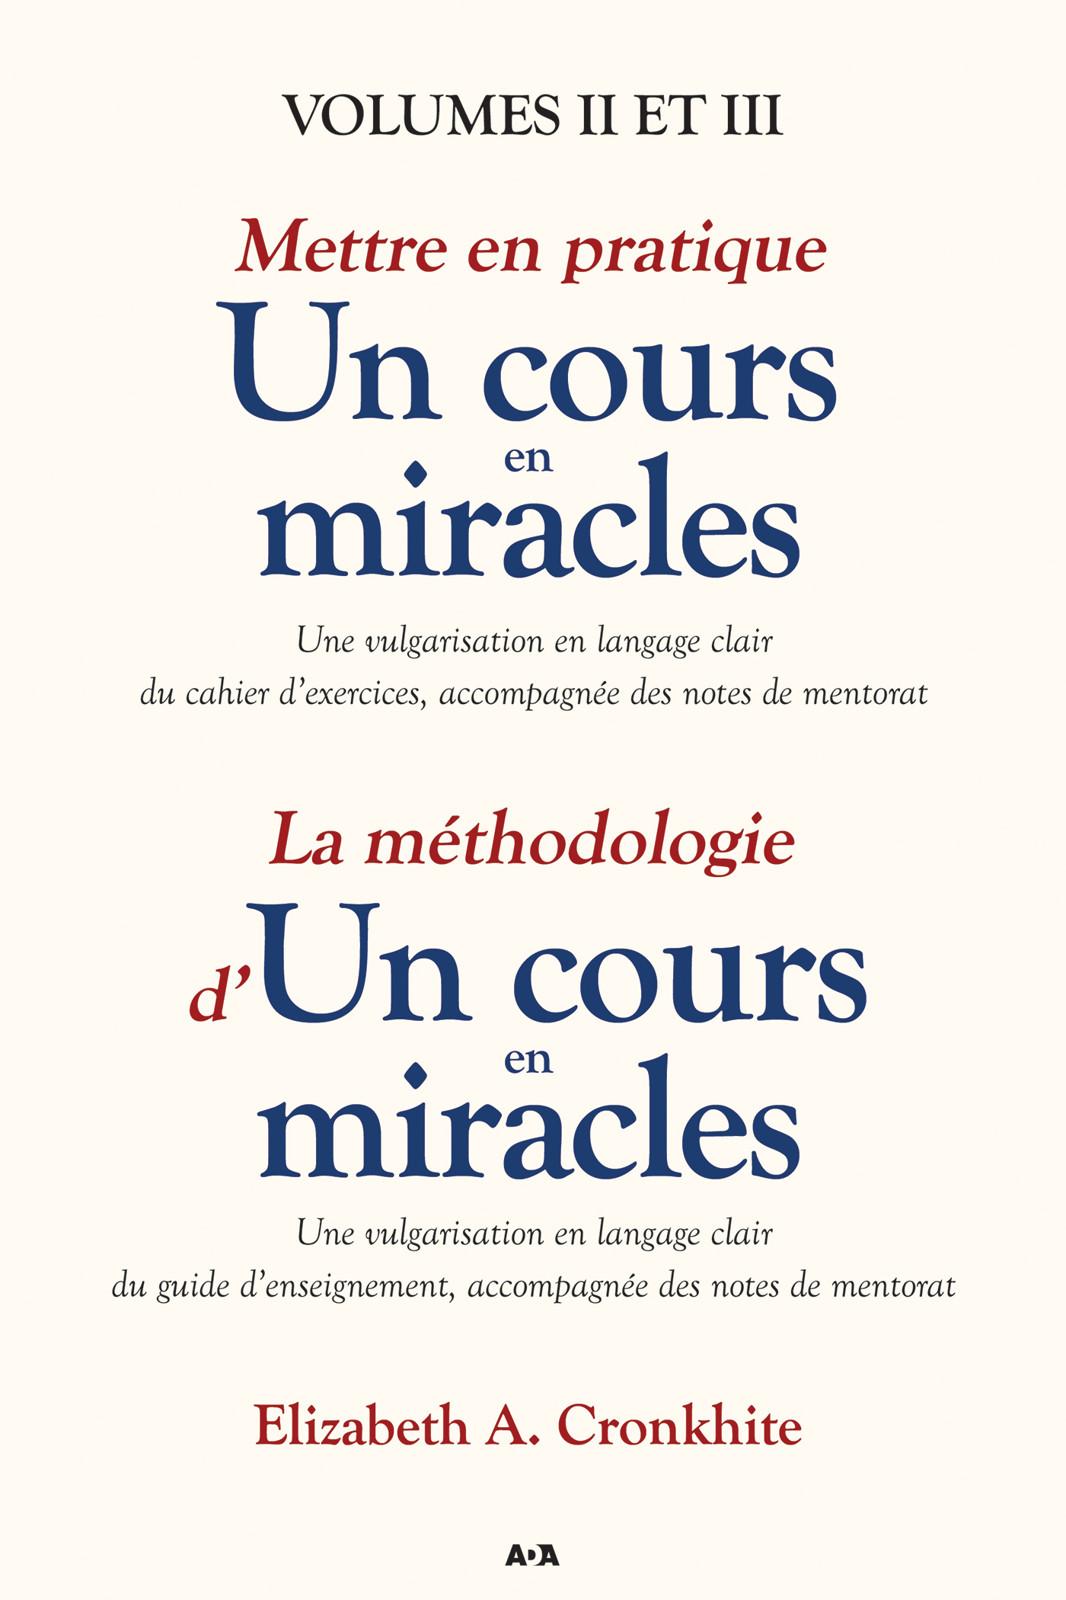 Mettre en pratique un cours en miracles / La méthodologie d'un cours en miracles, Volumes II et III